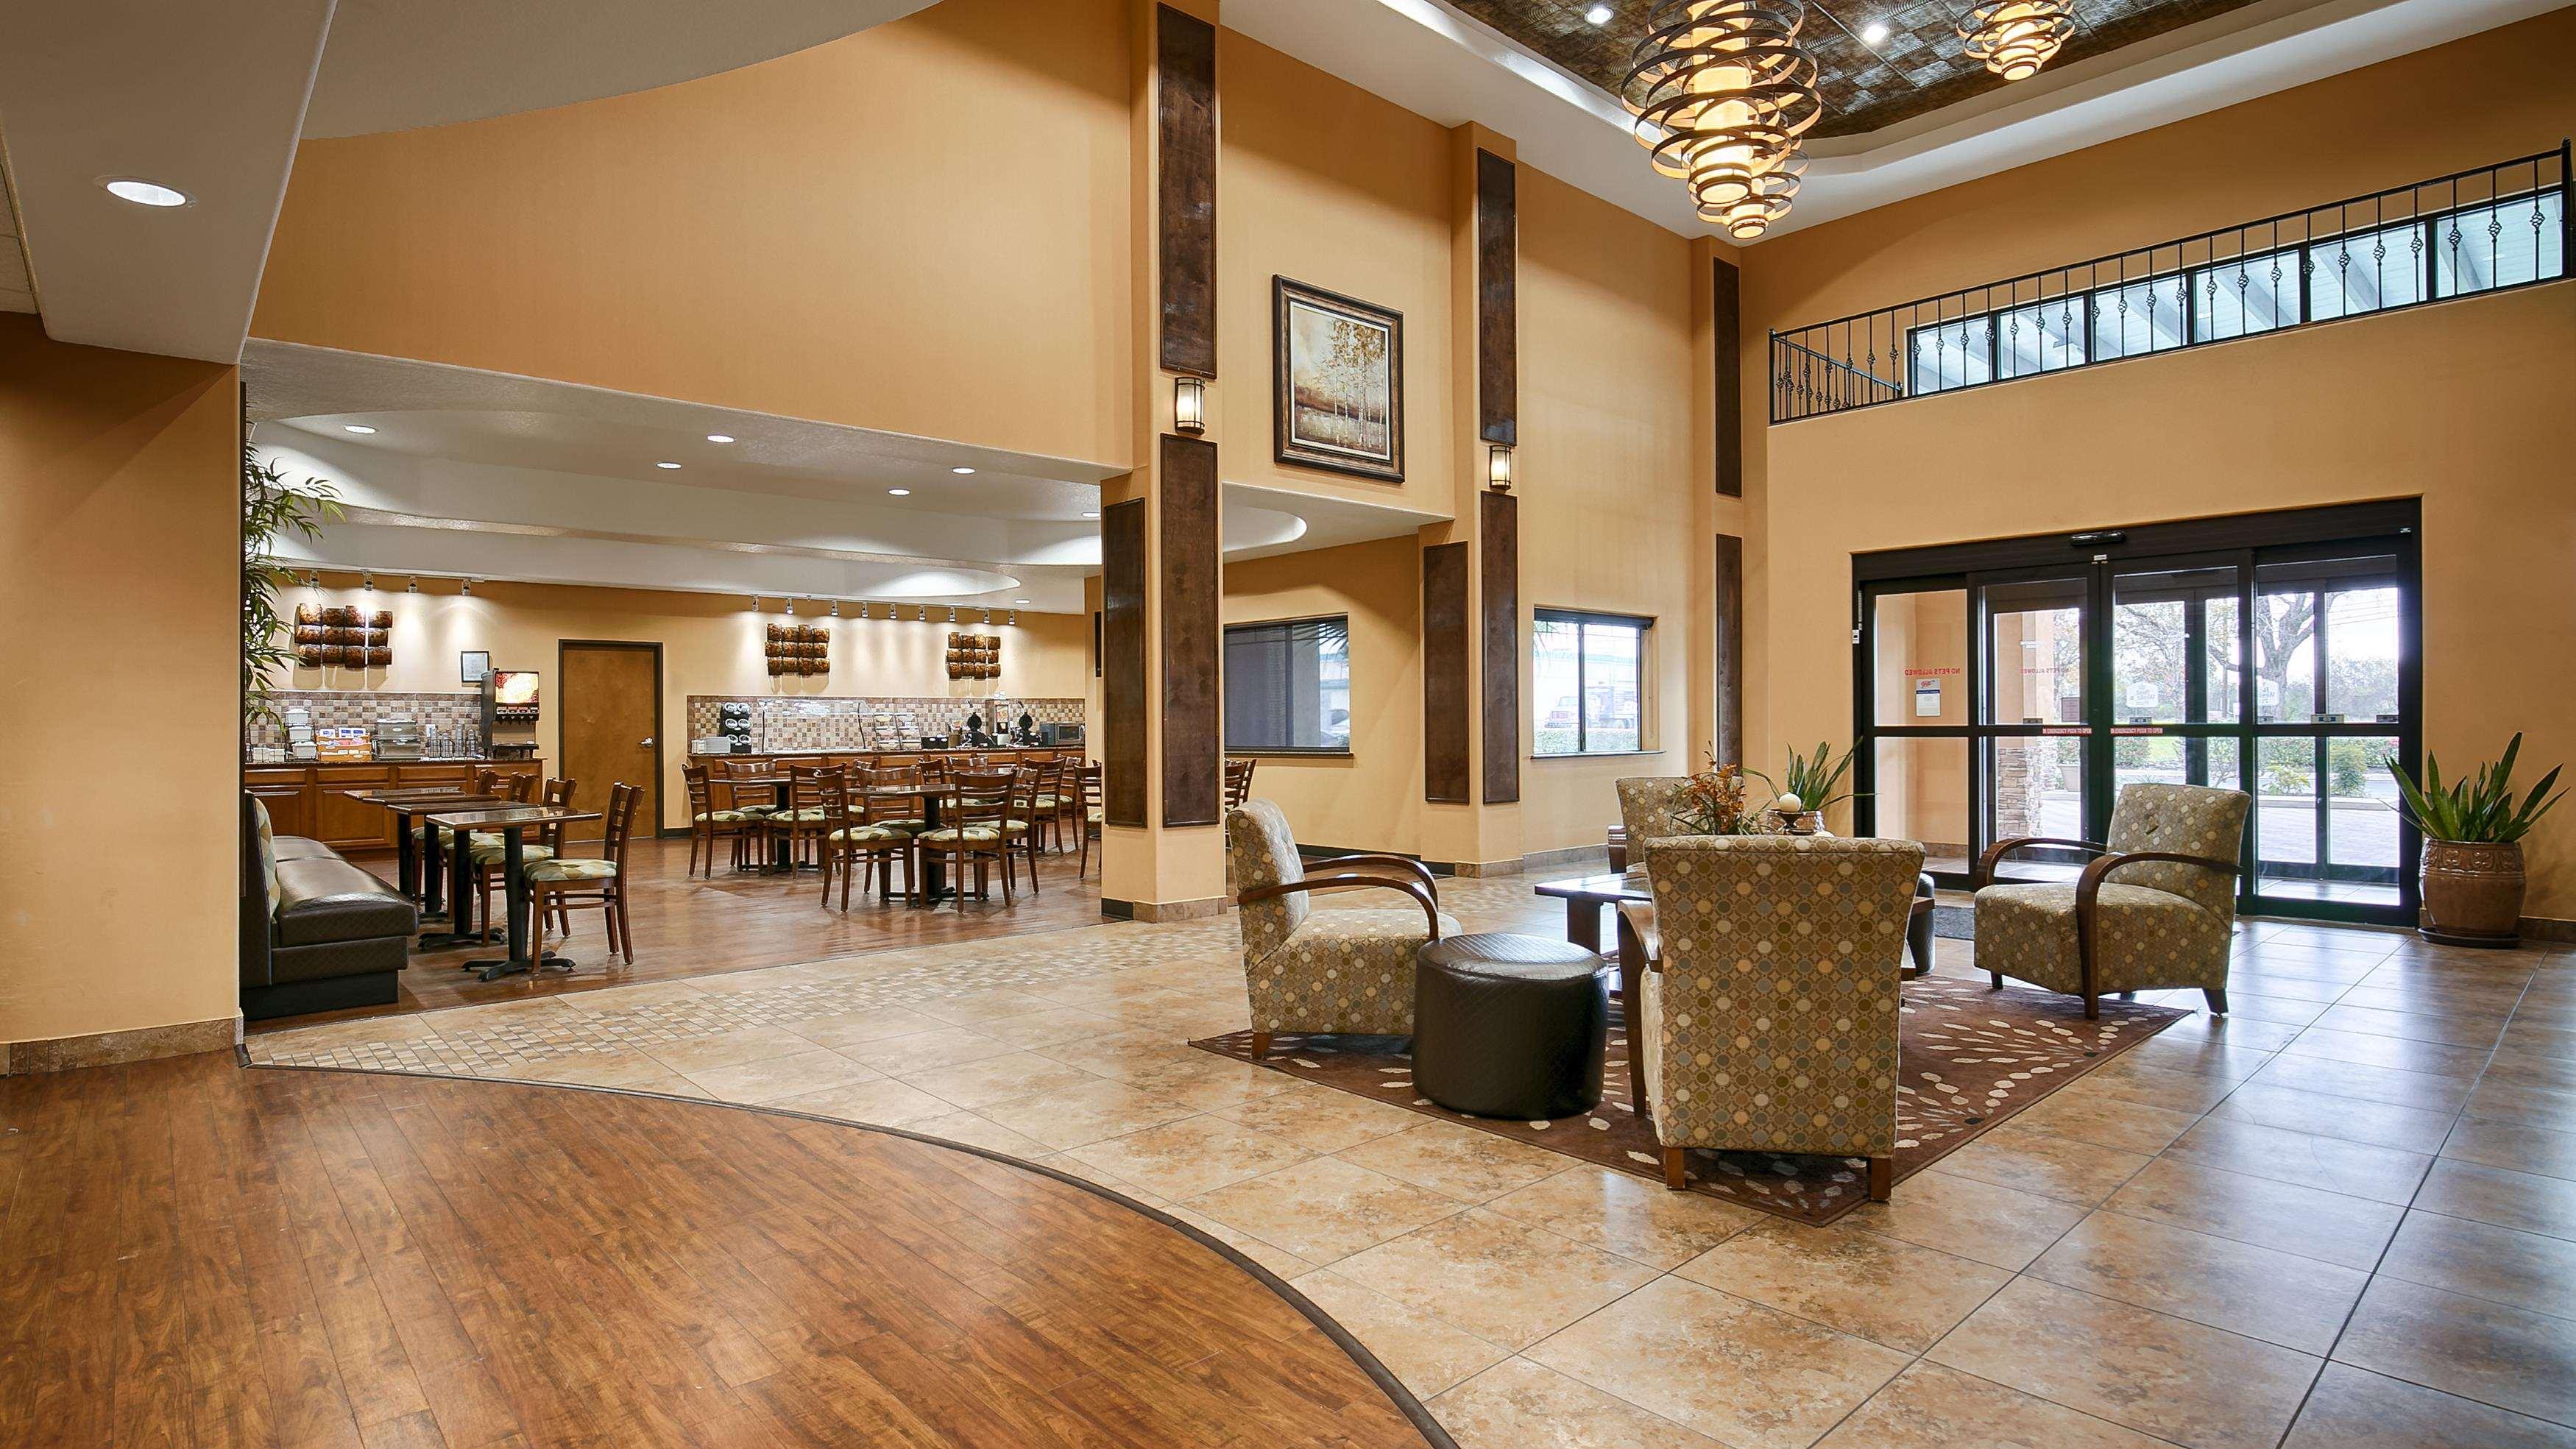 Best Western Plus Palo Alto Inn & Suites image 0